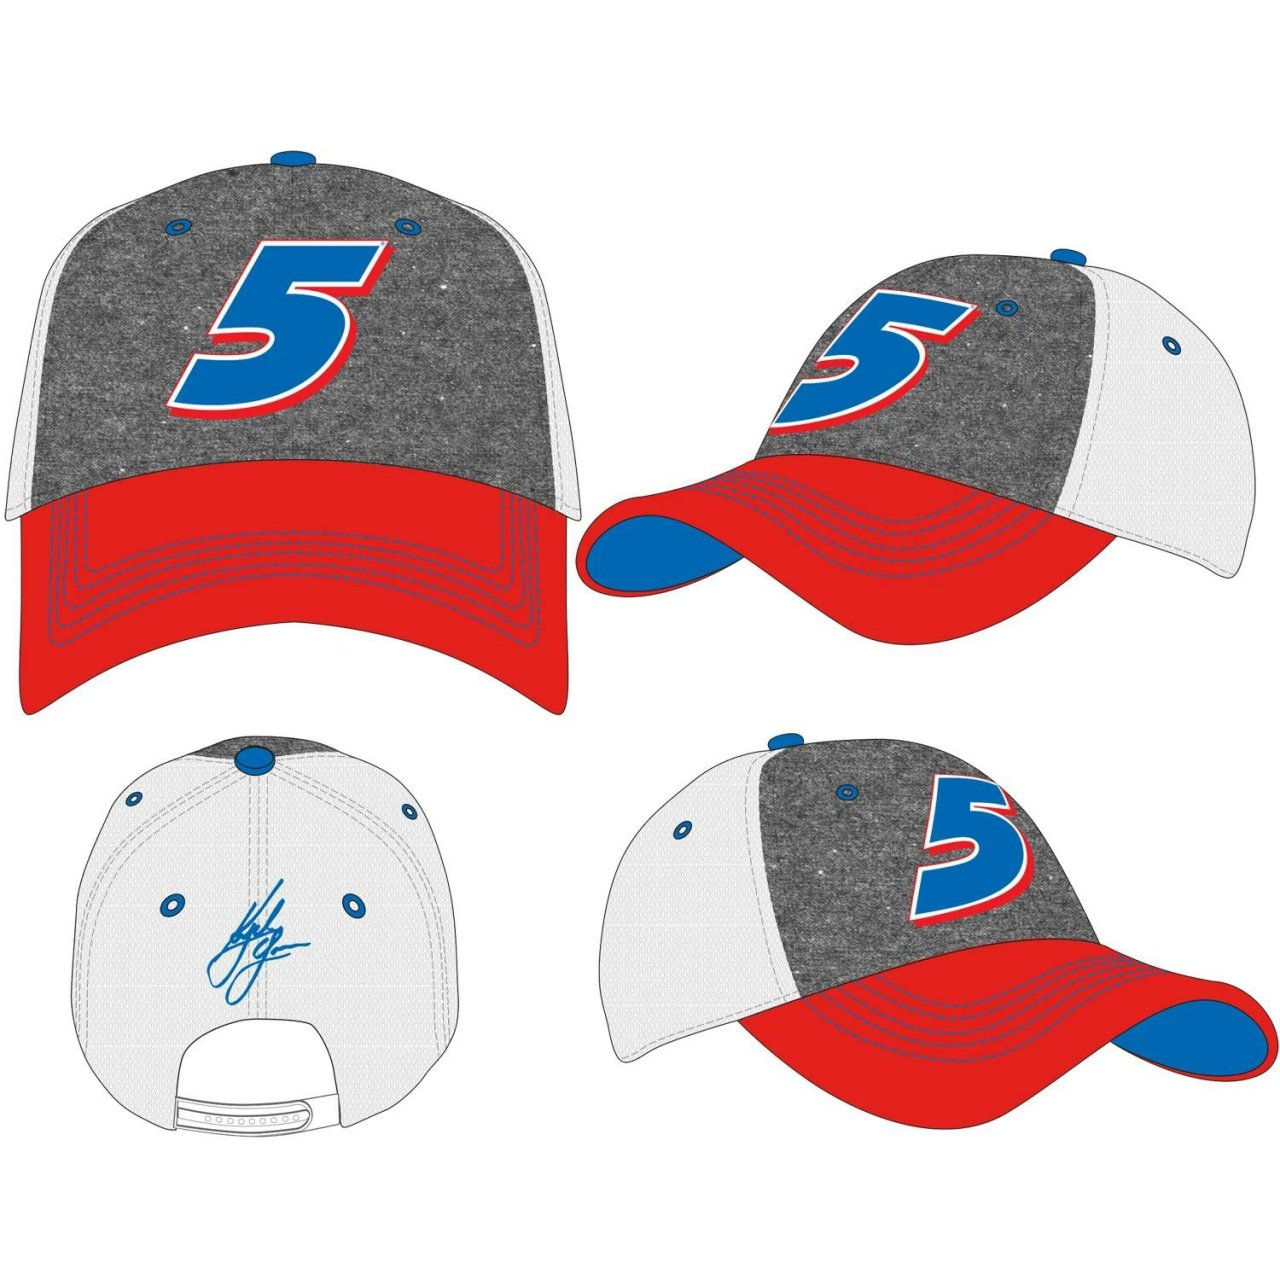 Kyle Larson - Hendrick Motorsports hat